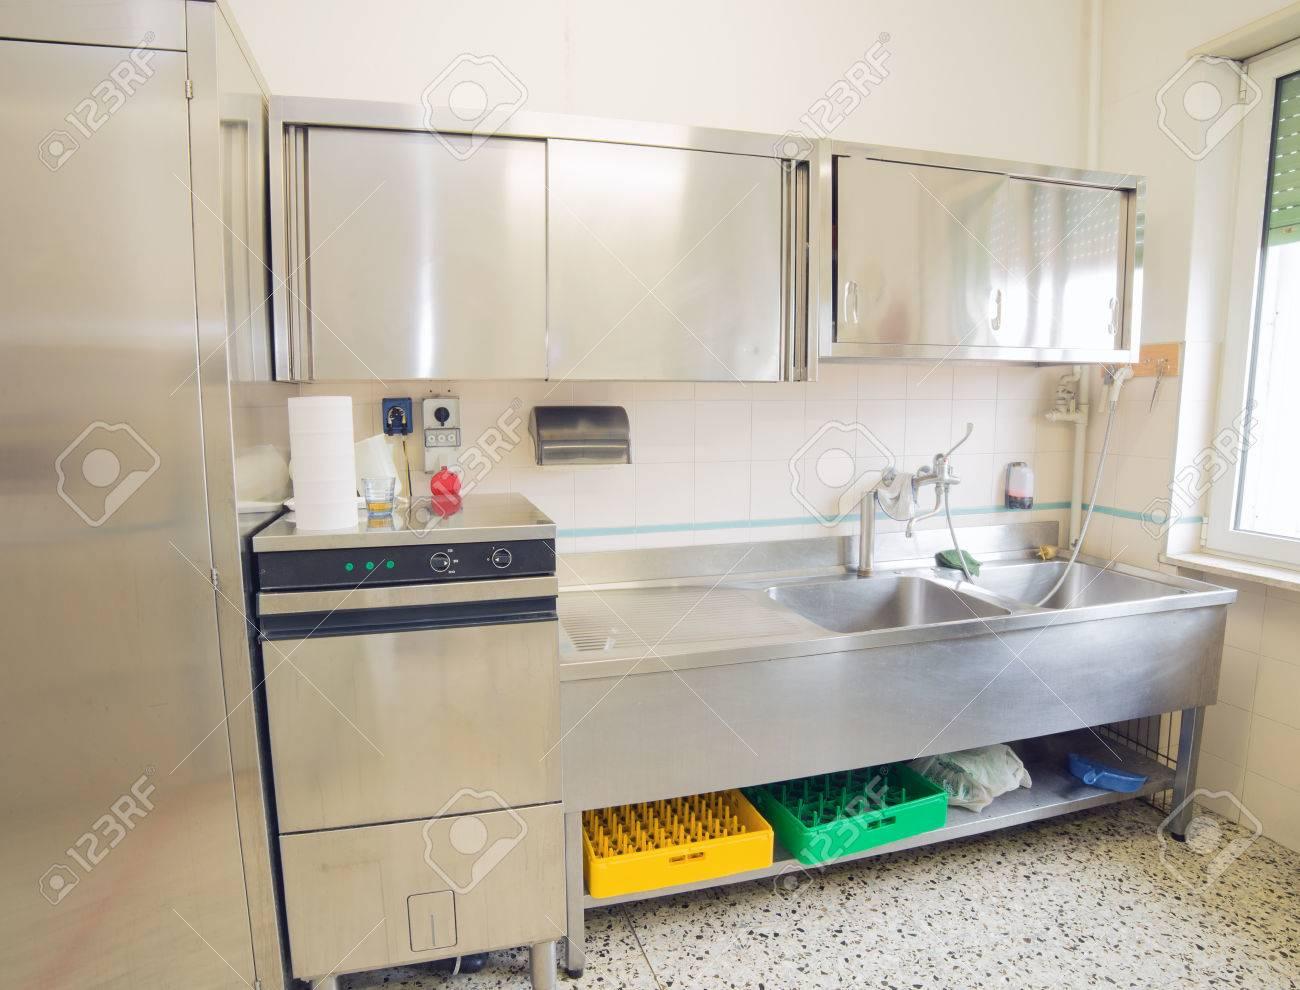 Miniküche Mit Kühlschrank Und Geschirrspüler : Küche mit geschirrspüler und kühlschrank küche mit